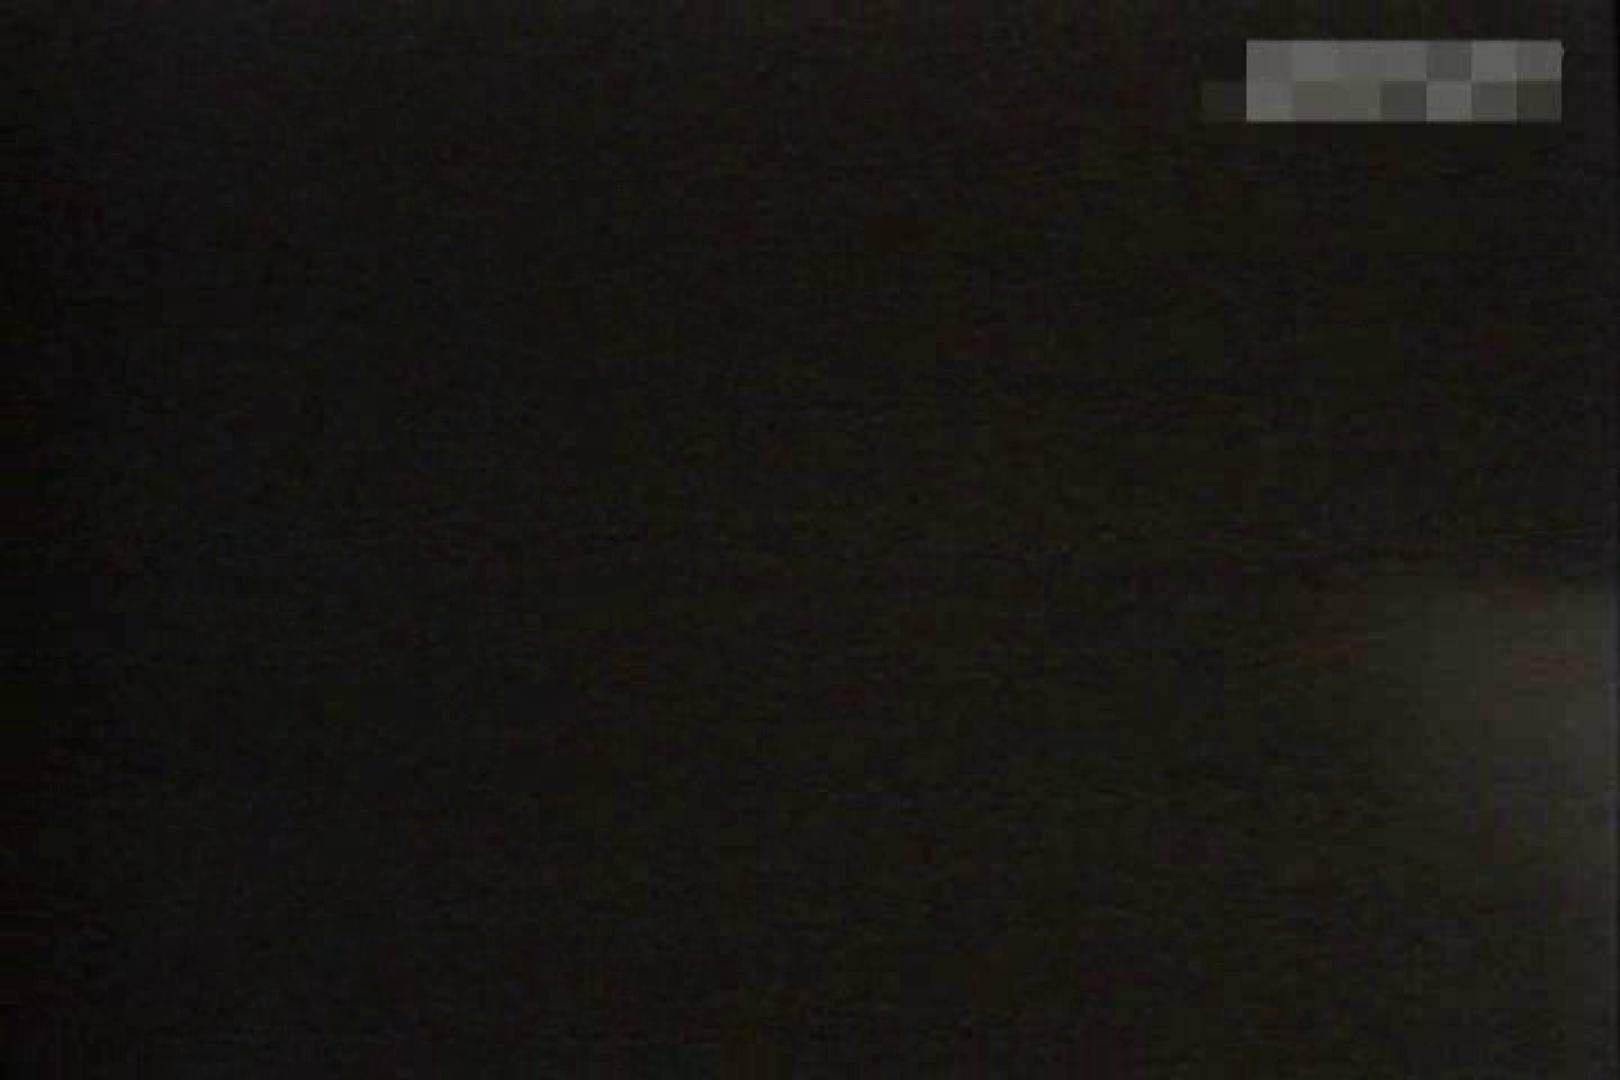 個室狂いのマニア映像Vol.2 ギャルのエロ動画 盗み撮り動画 105画像 4